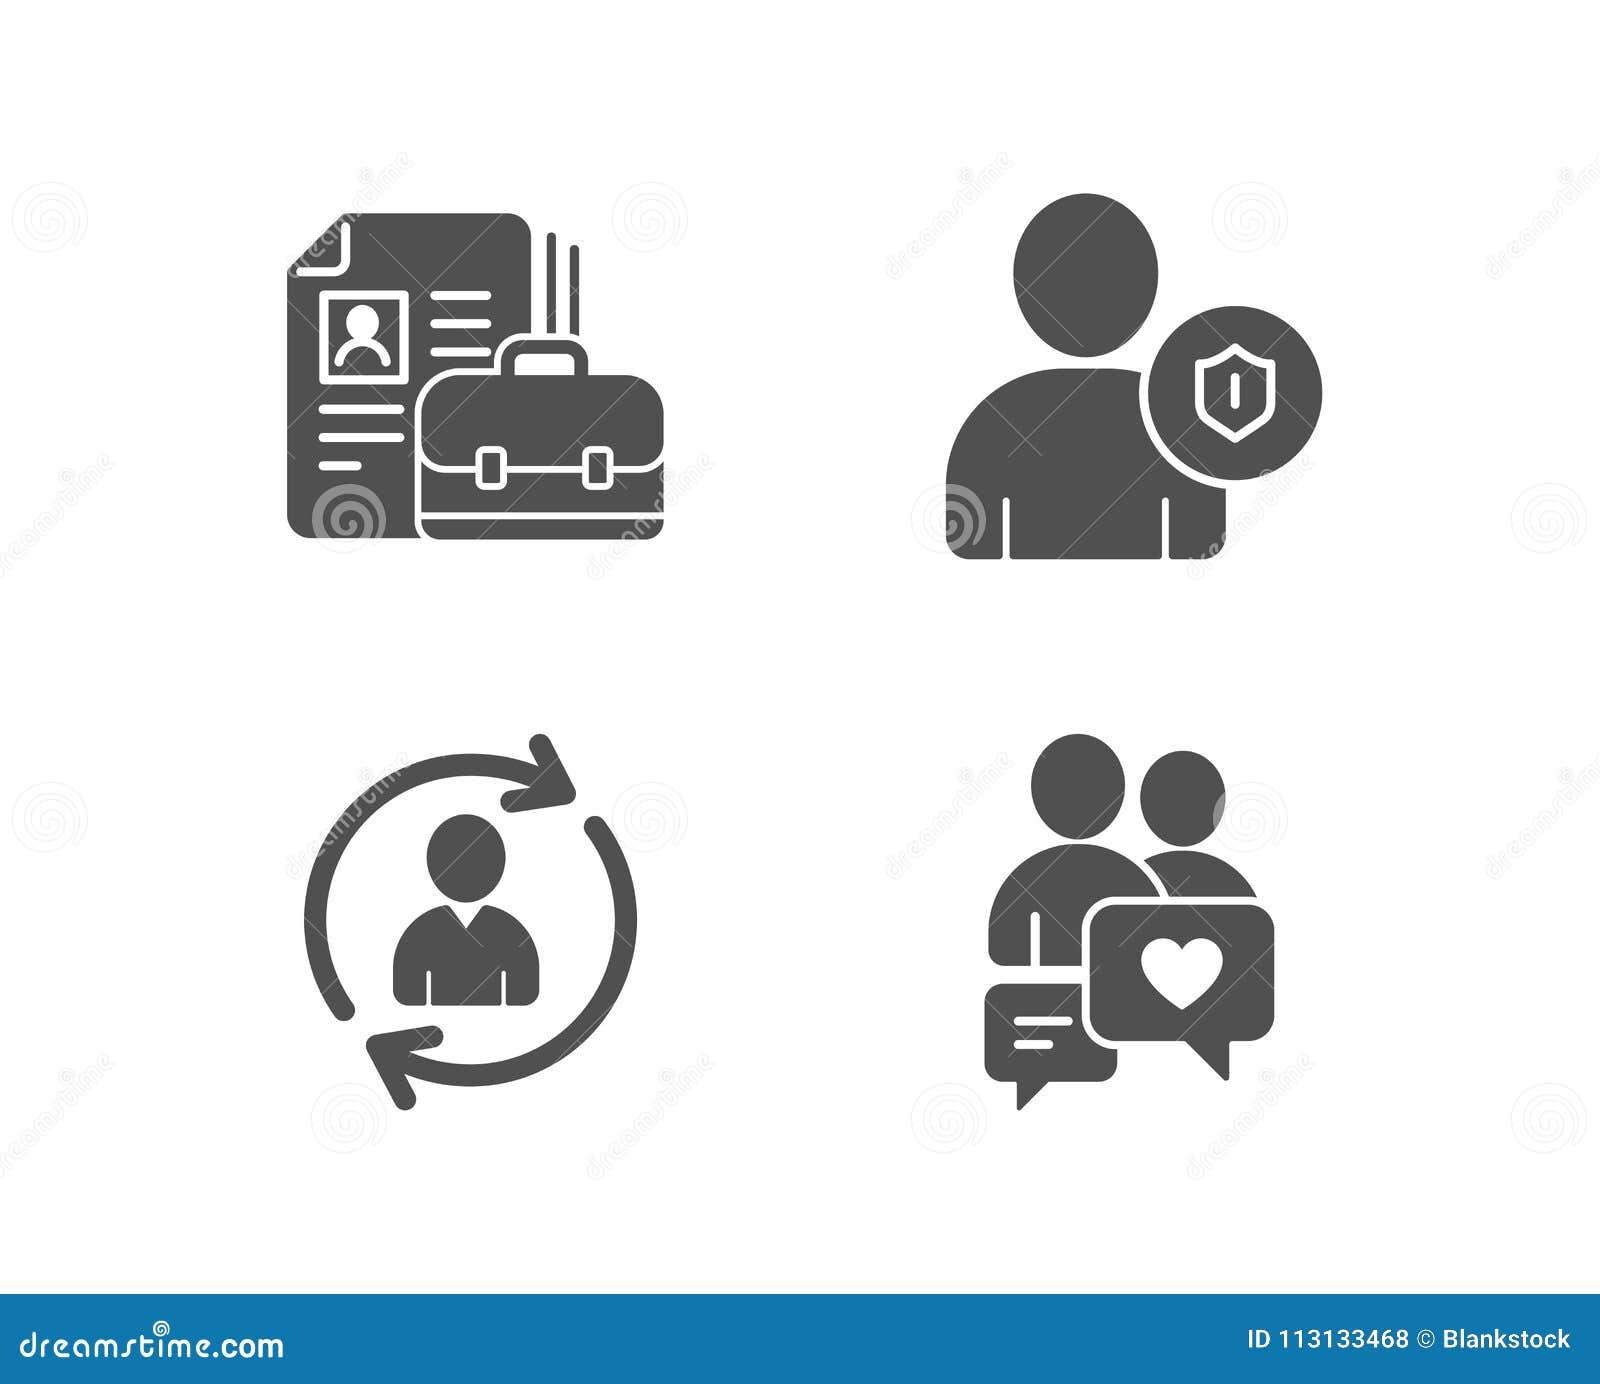 χρονολόγηση θέσεων εργασίας καθολική ιστοσελίδες dating δωρεάν